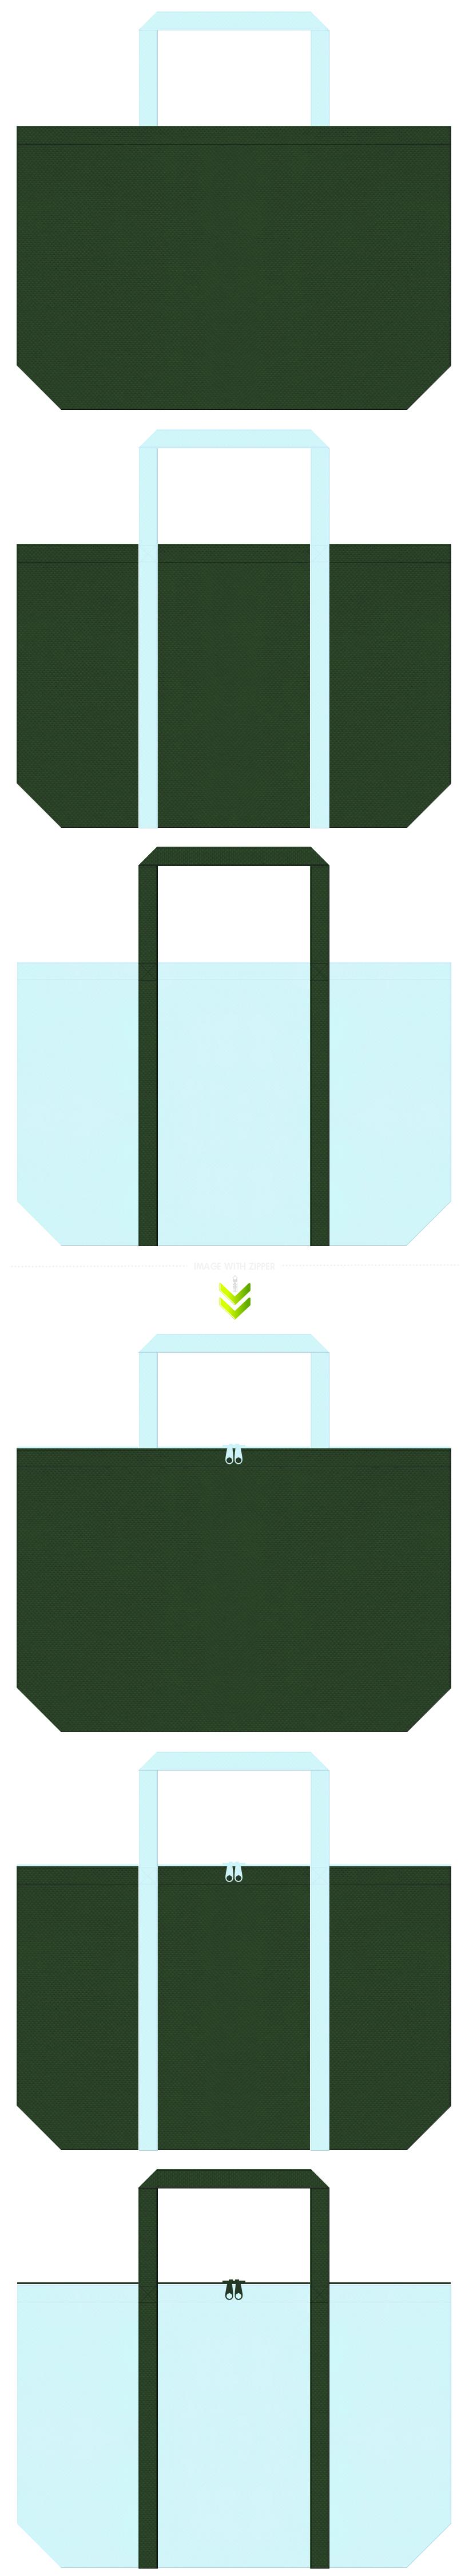 濃緑色と水色の不織布エコバッグのデザイン。お薬・薬局のイメージにお奨めです。